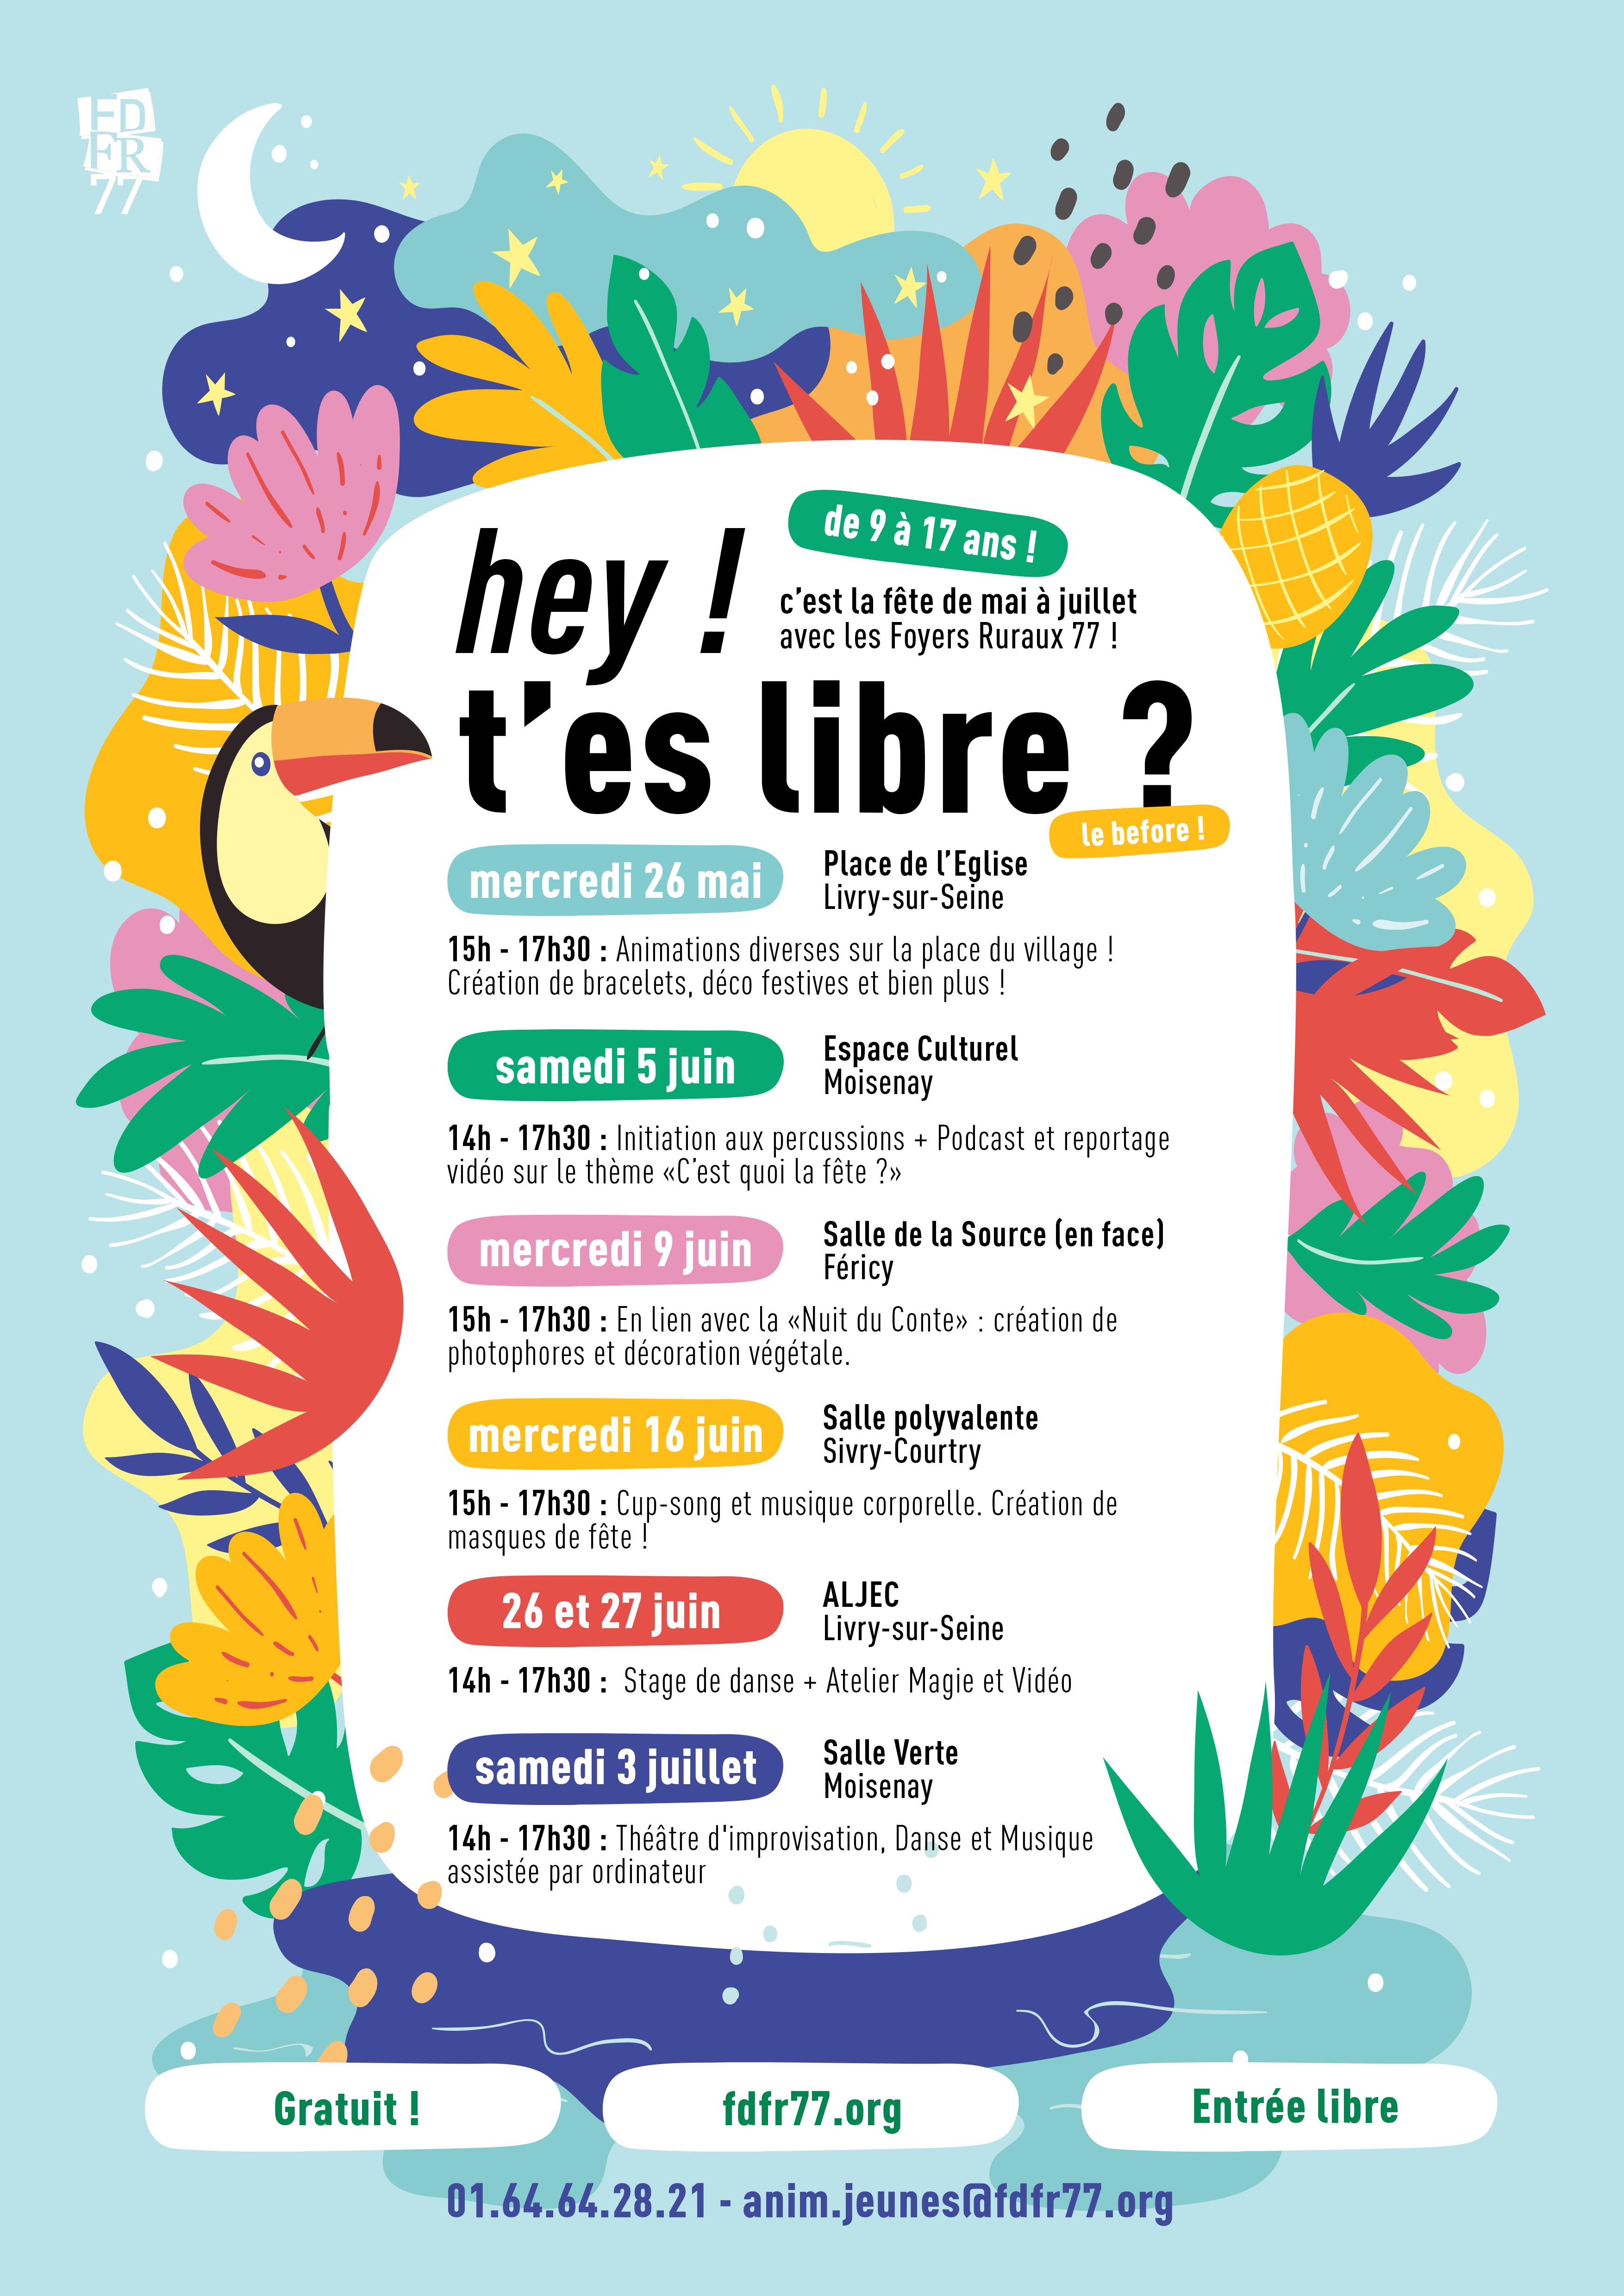 Hey ! T'es libre ? Le before